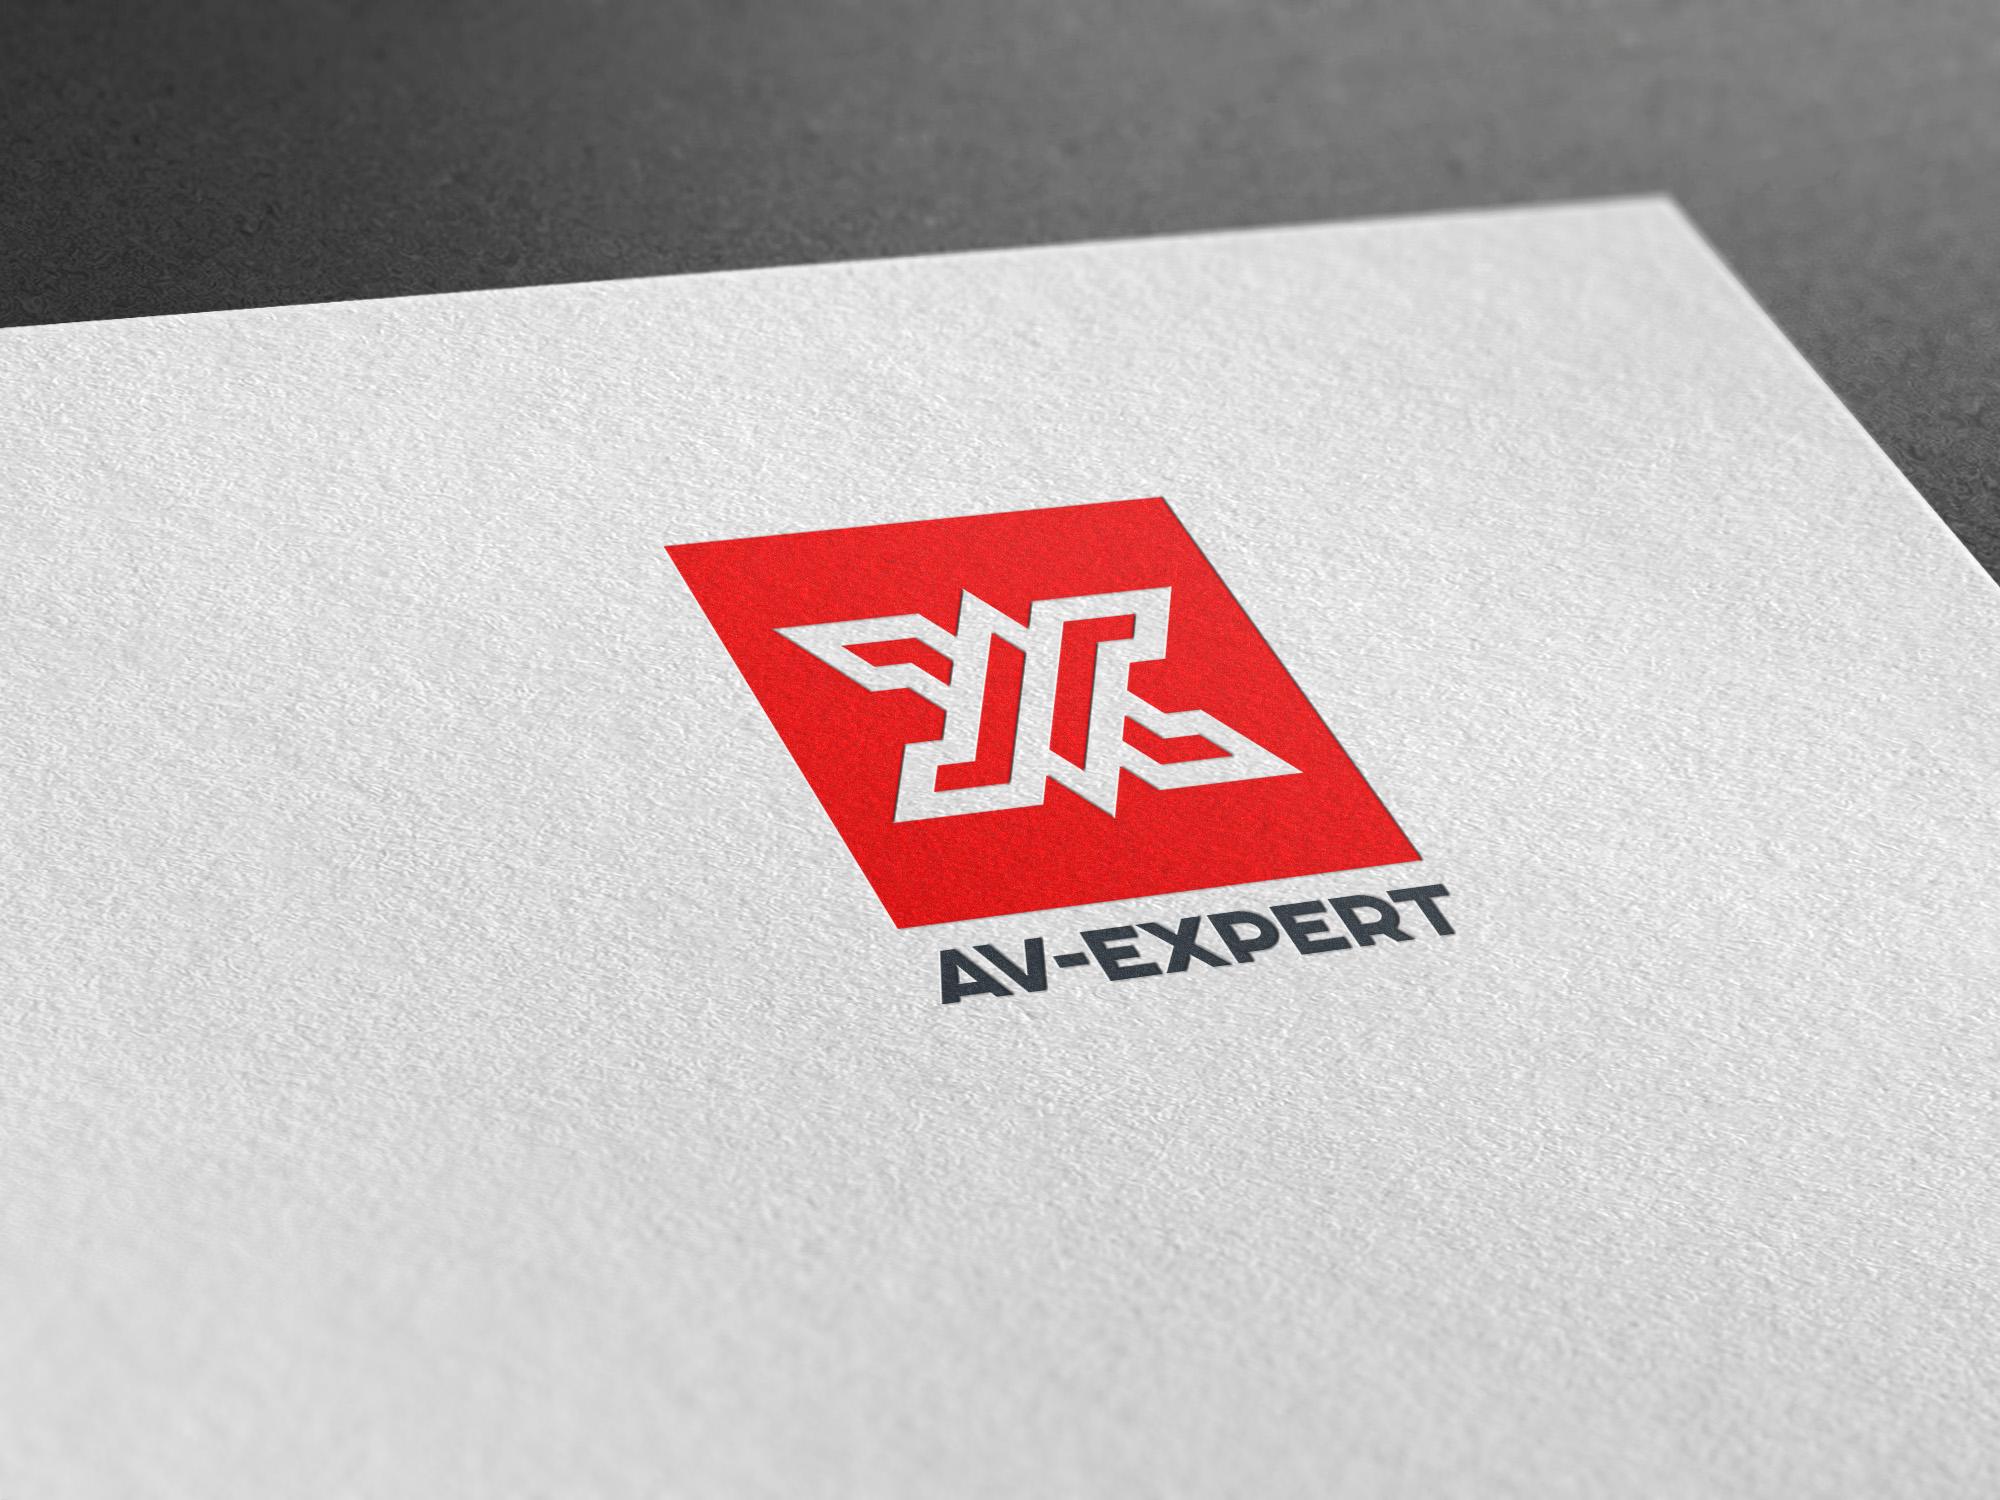 Создание логотипа, фирстиля фото f_4975c612109a38e3.jpg